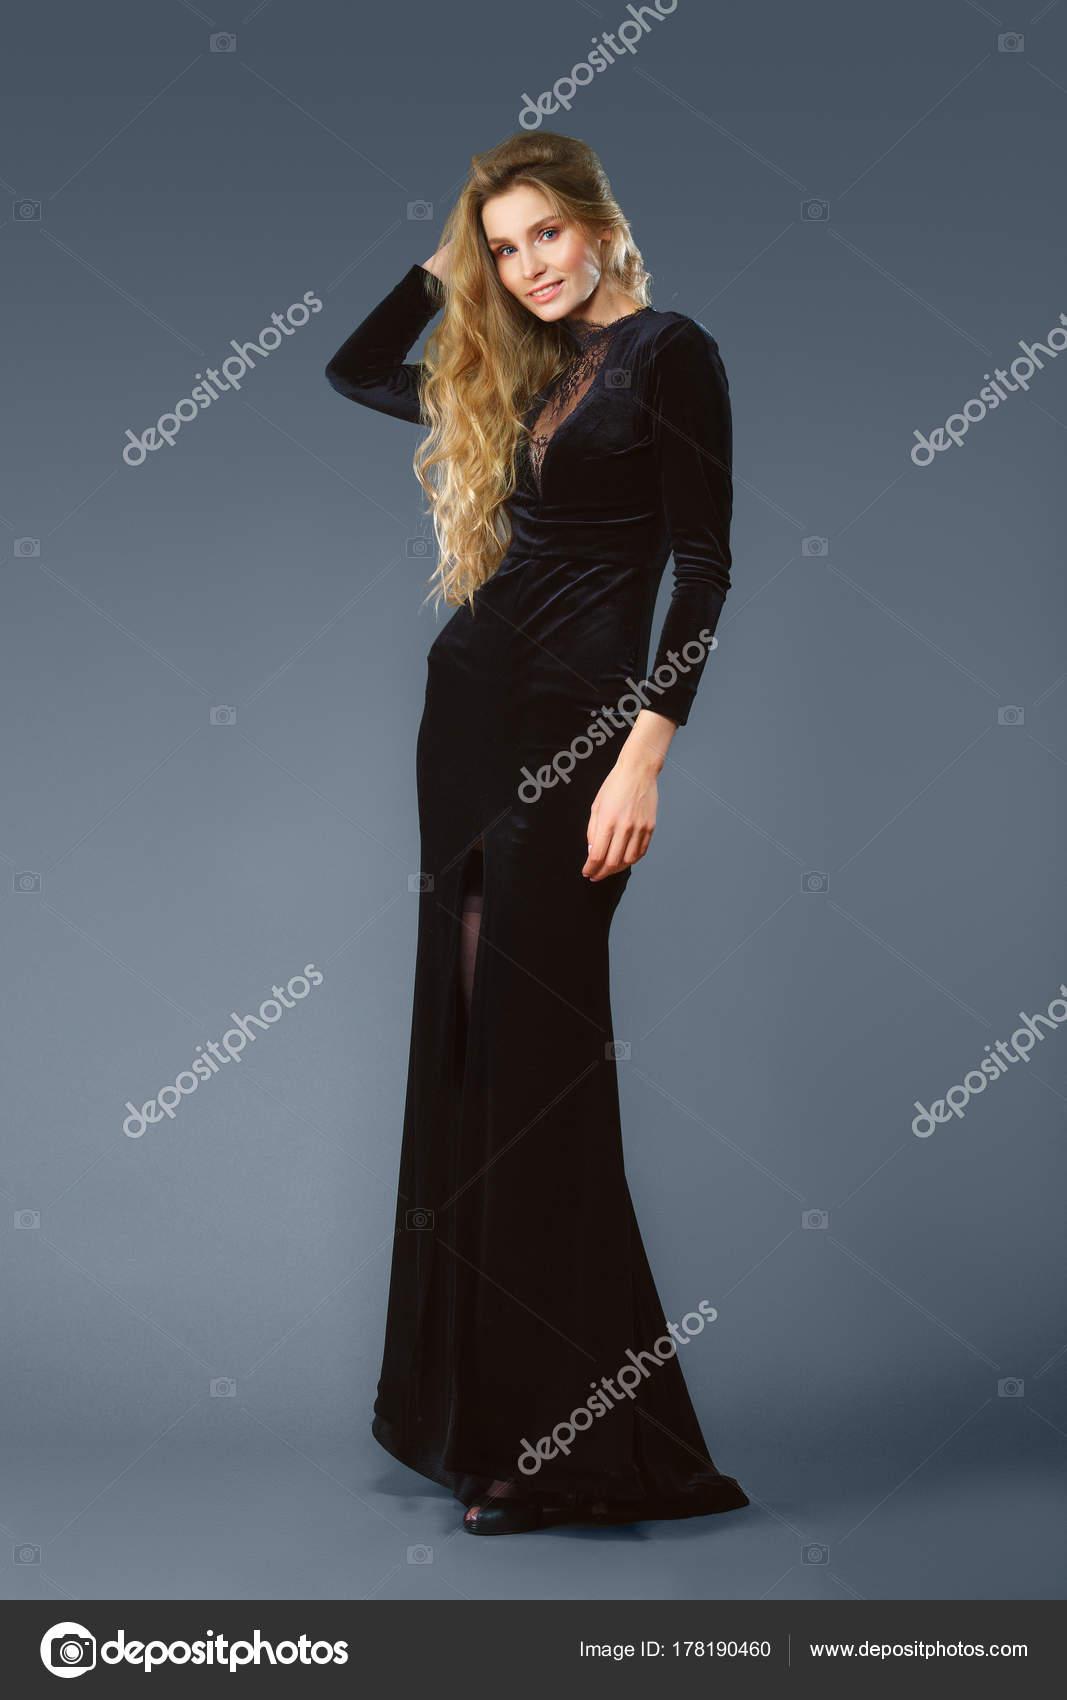 hot sales 5b224 f75b4 Ritratto integrale di bella signora in abito di velluto ...